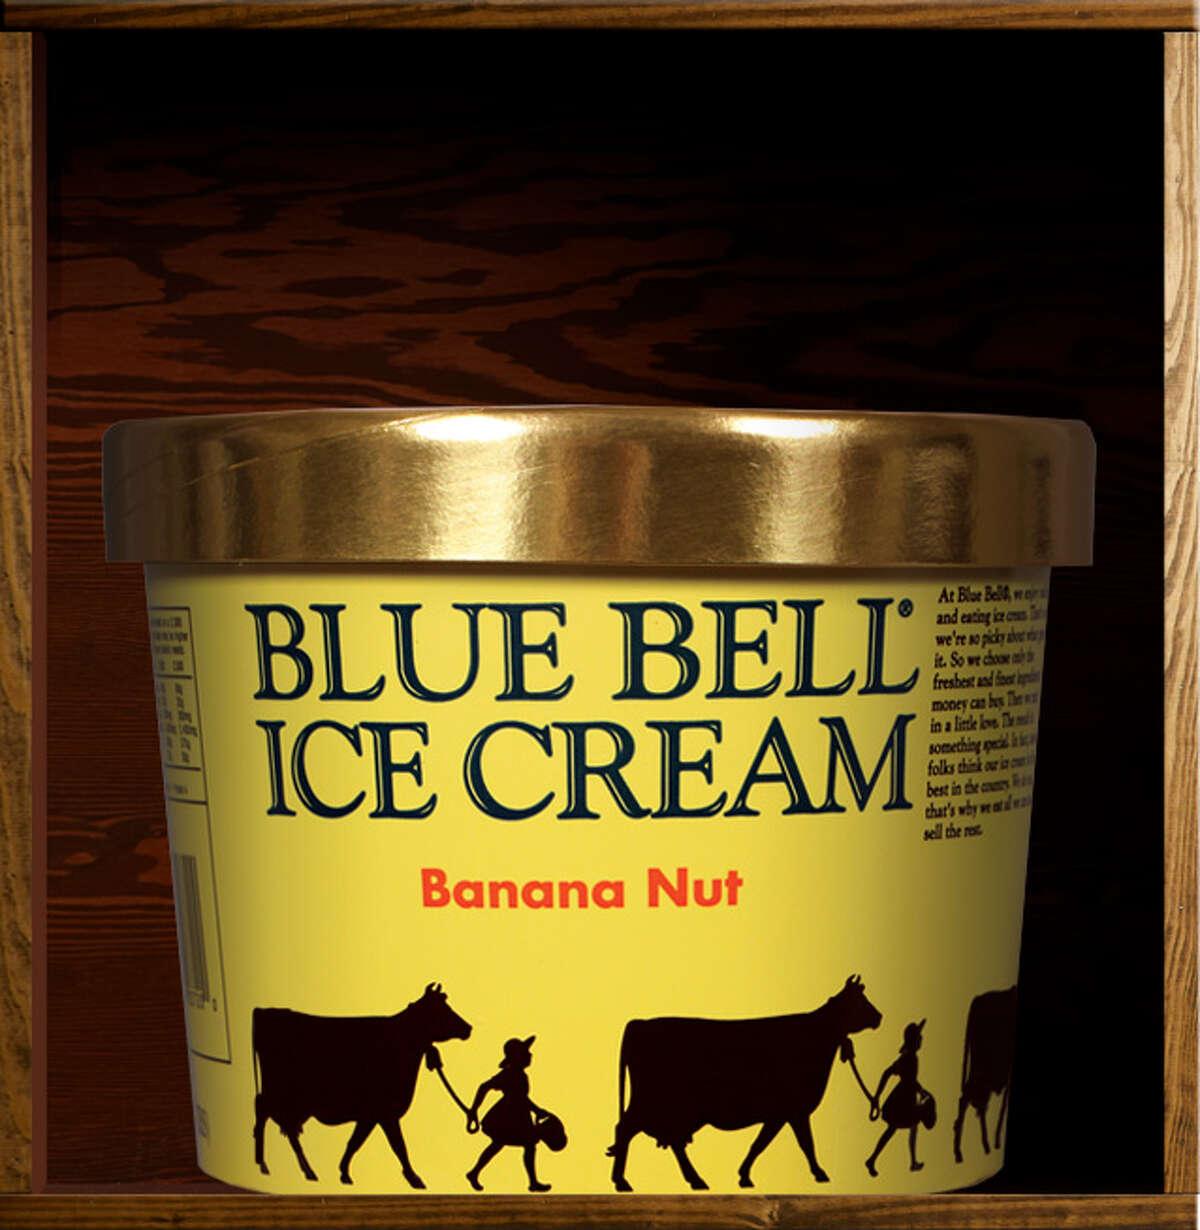 31. Banana Nut Blue Bell description: